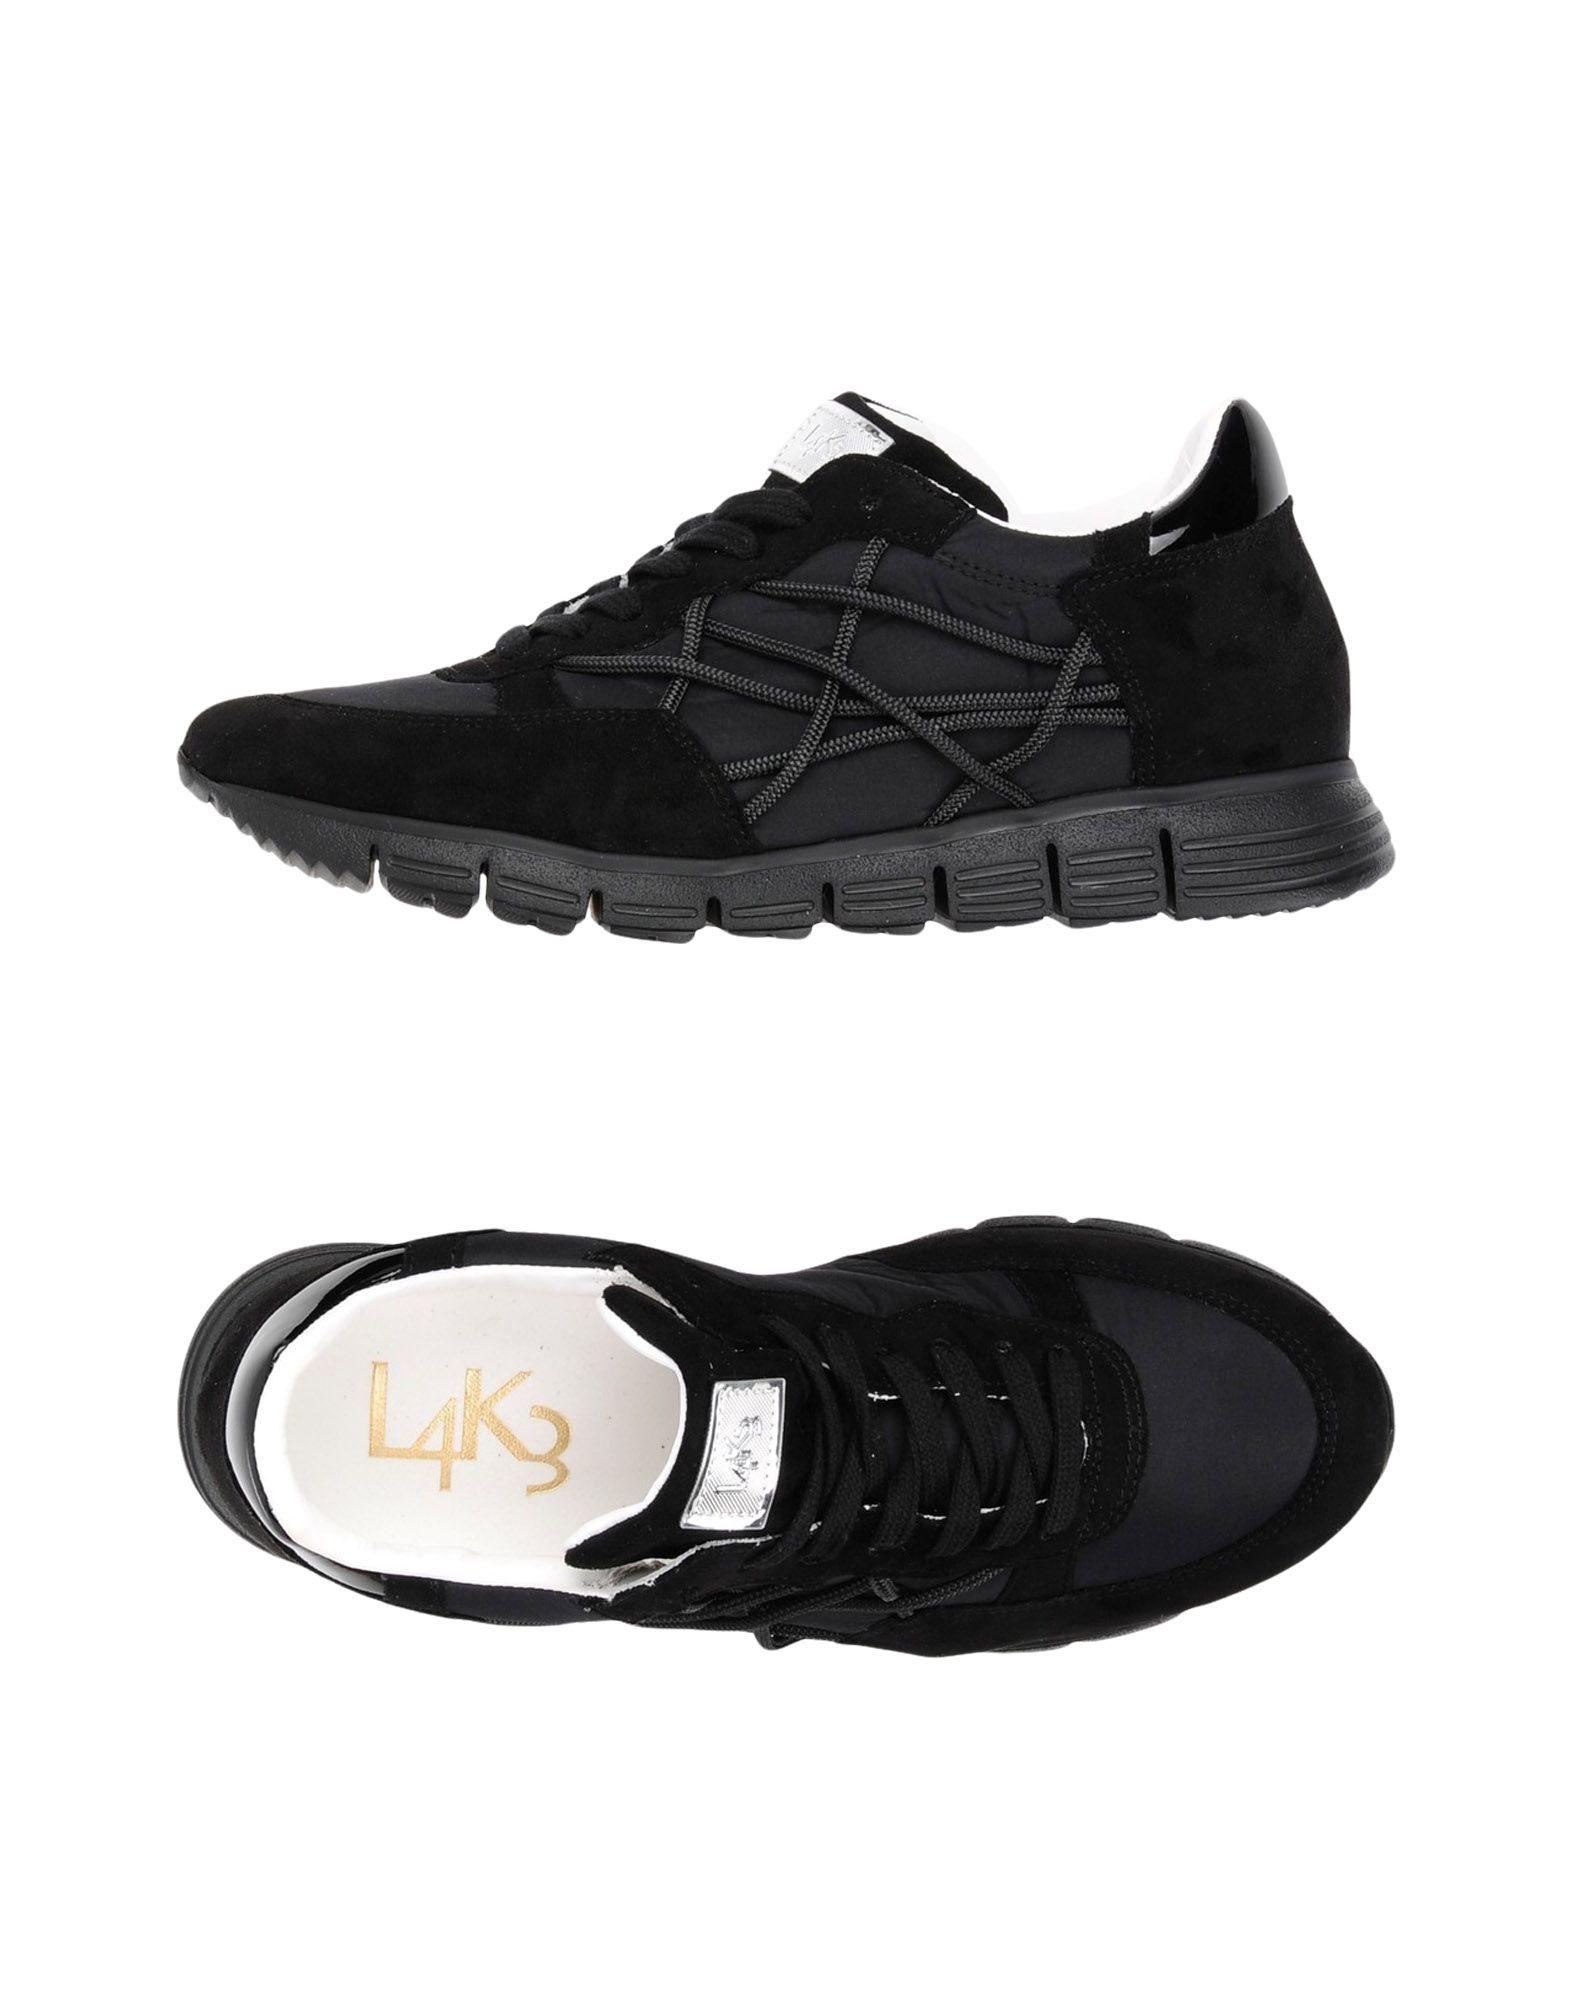 Günstige und modische Schuhe L4k3 Sneakers Damen  11334980GB